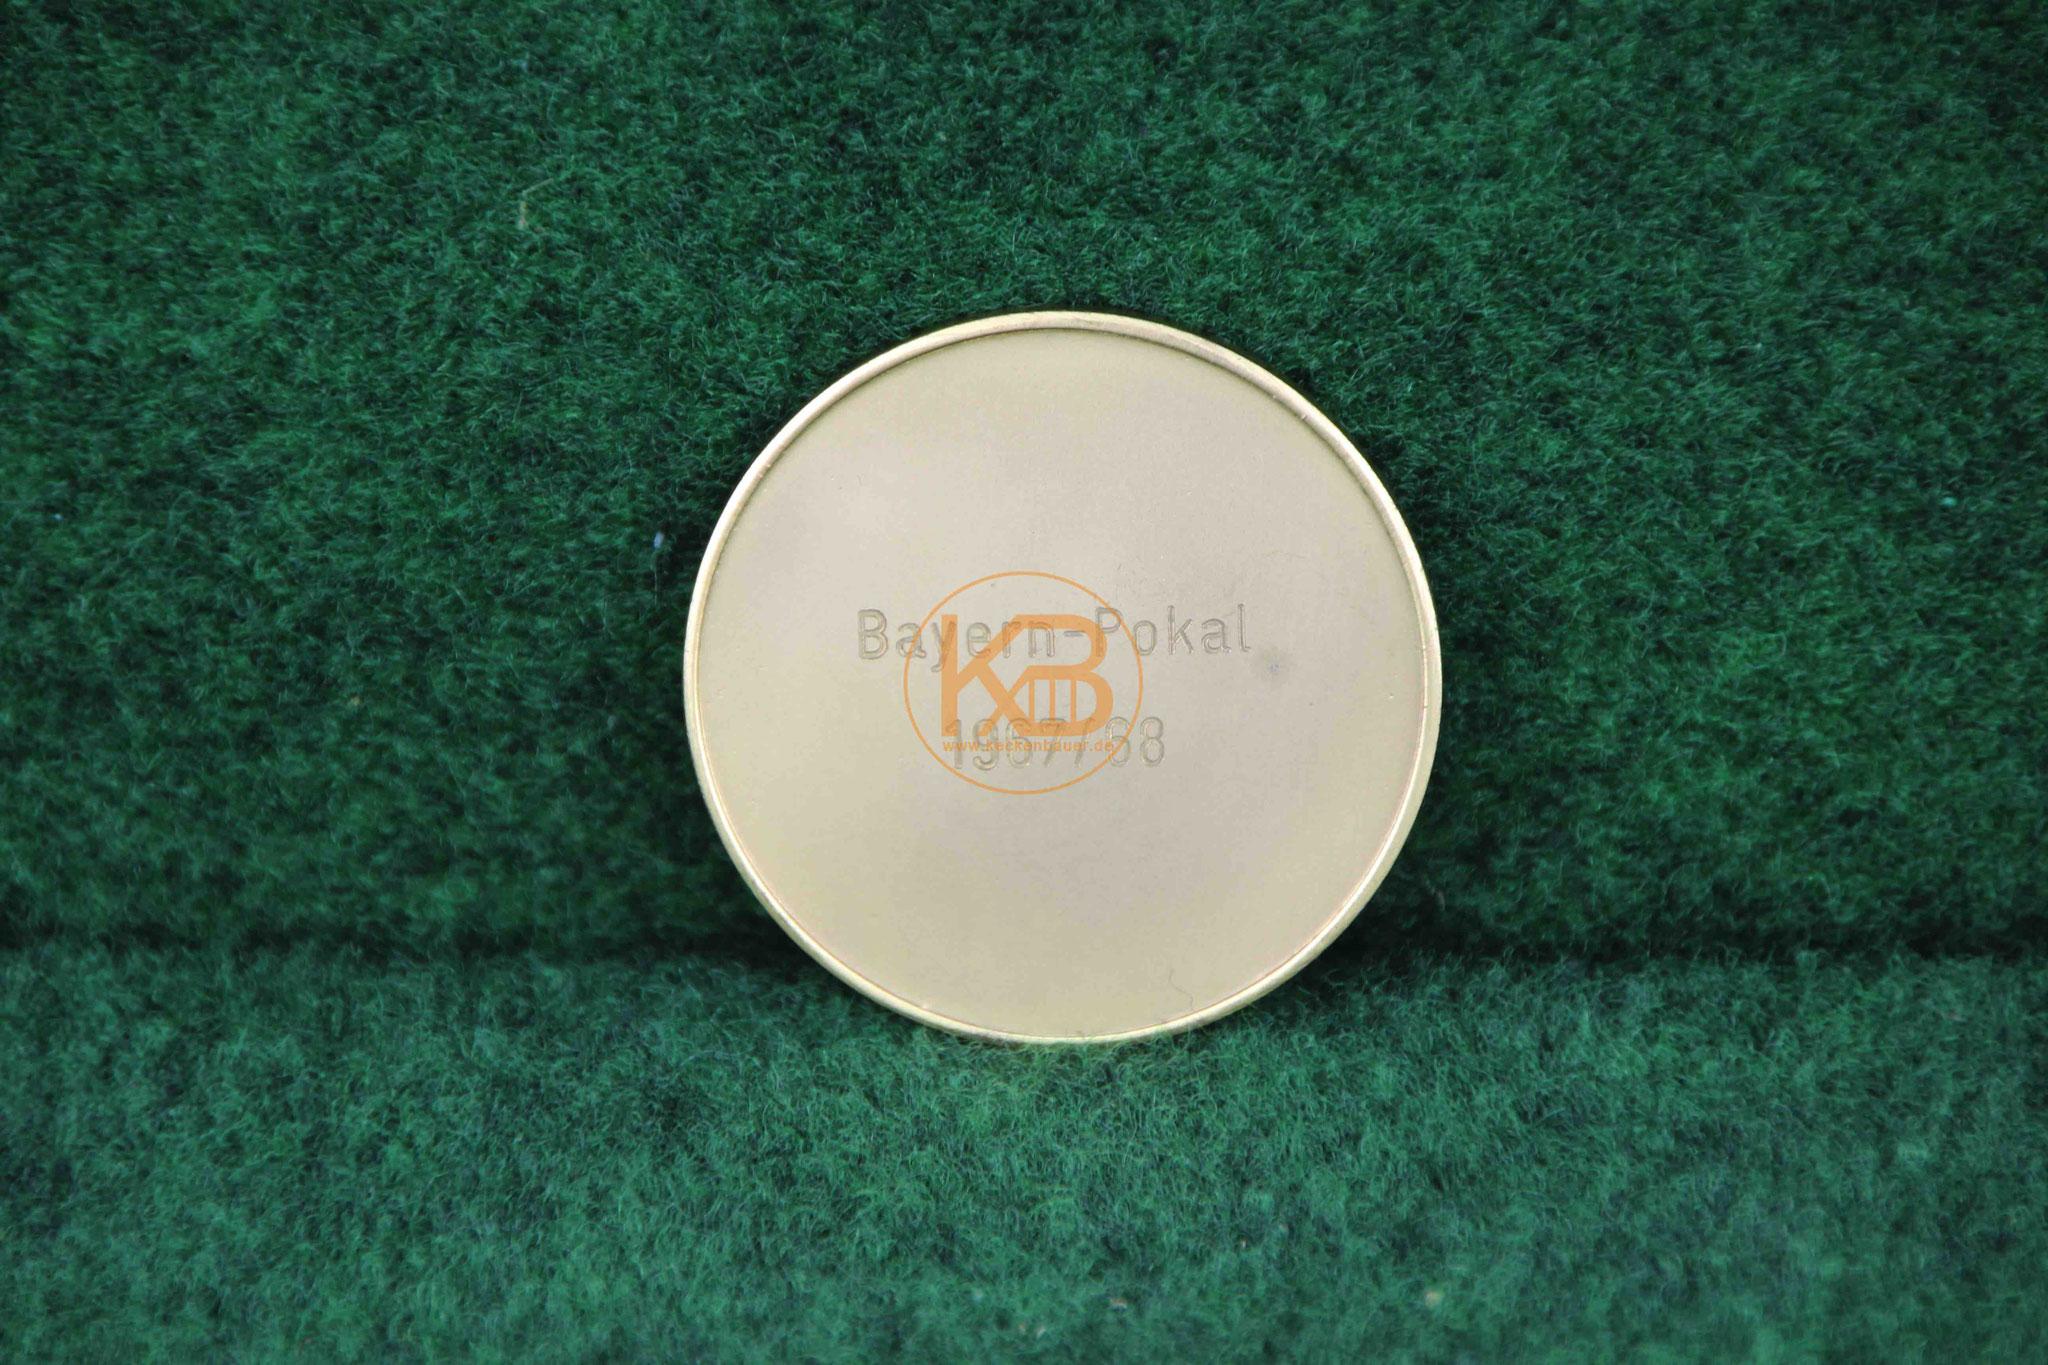 Original Münze des B.F.V. zum Gewinn des Bayern Pokal im Jahr 1967/68 in Gold 2/2